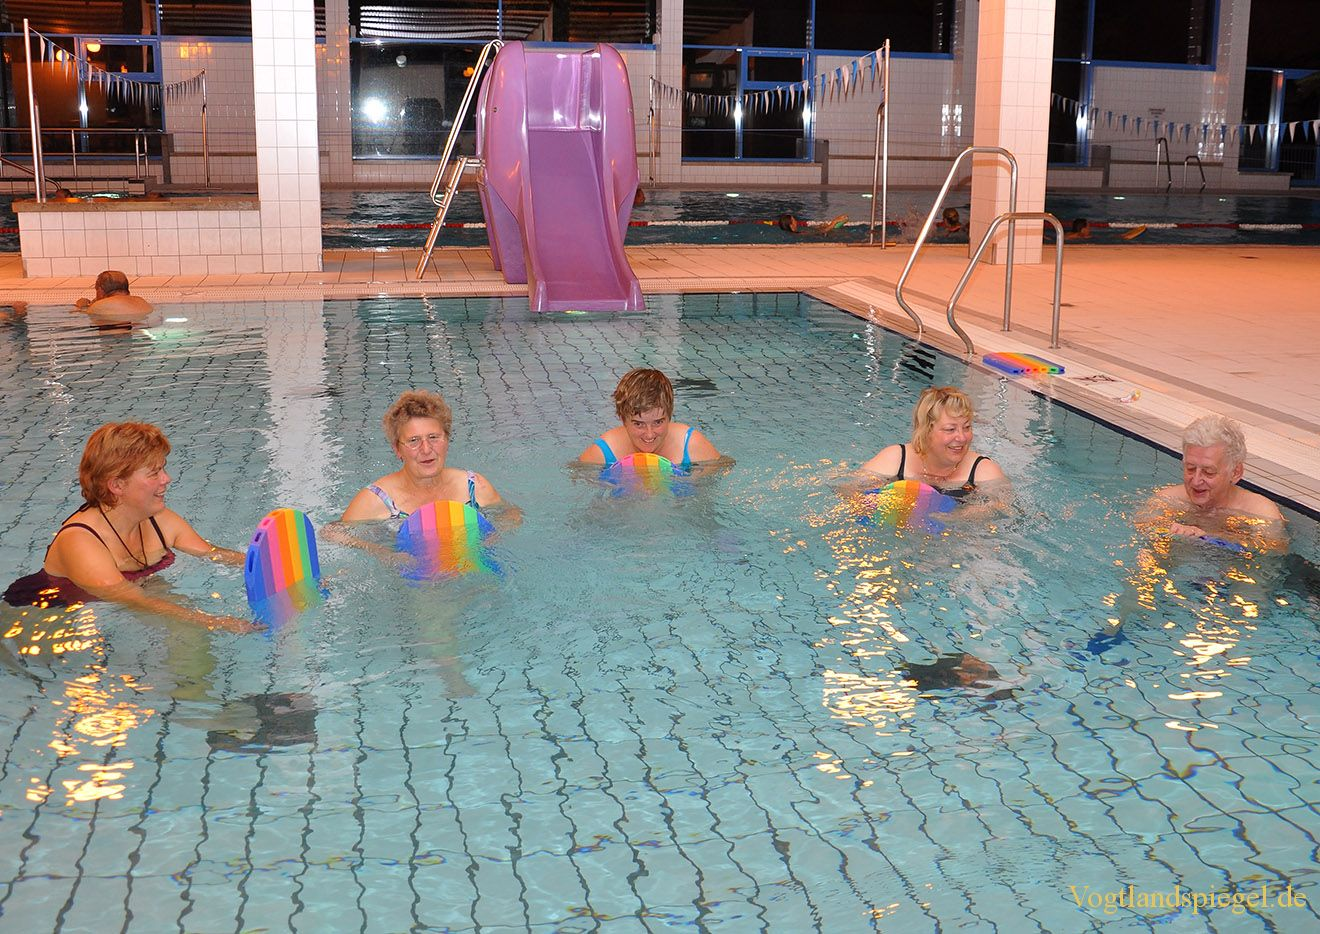 Mittwochabend treffen sich die Mitglieder des Verbandes für Behinderte zum Schwimmen.